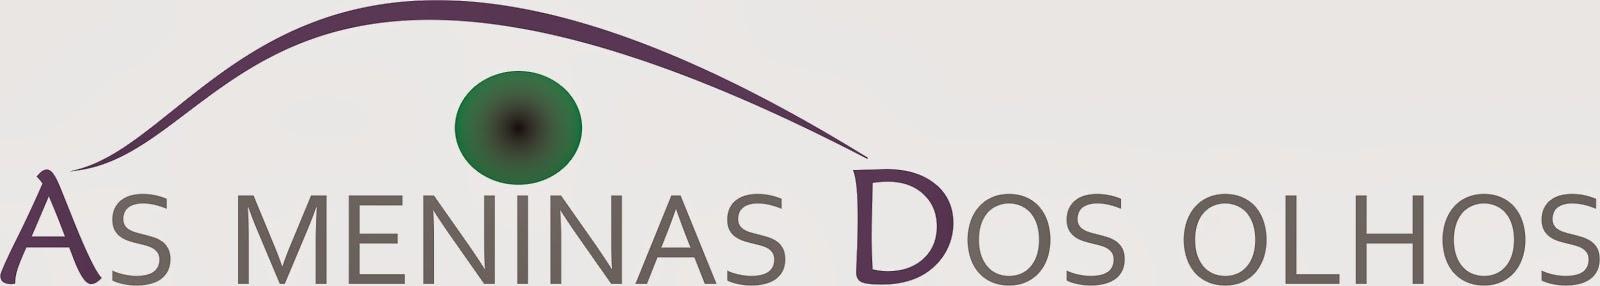 Descrição do logotipo de As Meninas dos Olhos: escrito na cor cinza. A letra A inicial e a letra D estão destacadas em lilás. Acima da letra i, uma íris em tom verde com pupila preta. Um delicado traço lilás une as letras A e D e forma uma ponte com aspecto de uma pálpebra estilizada.